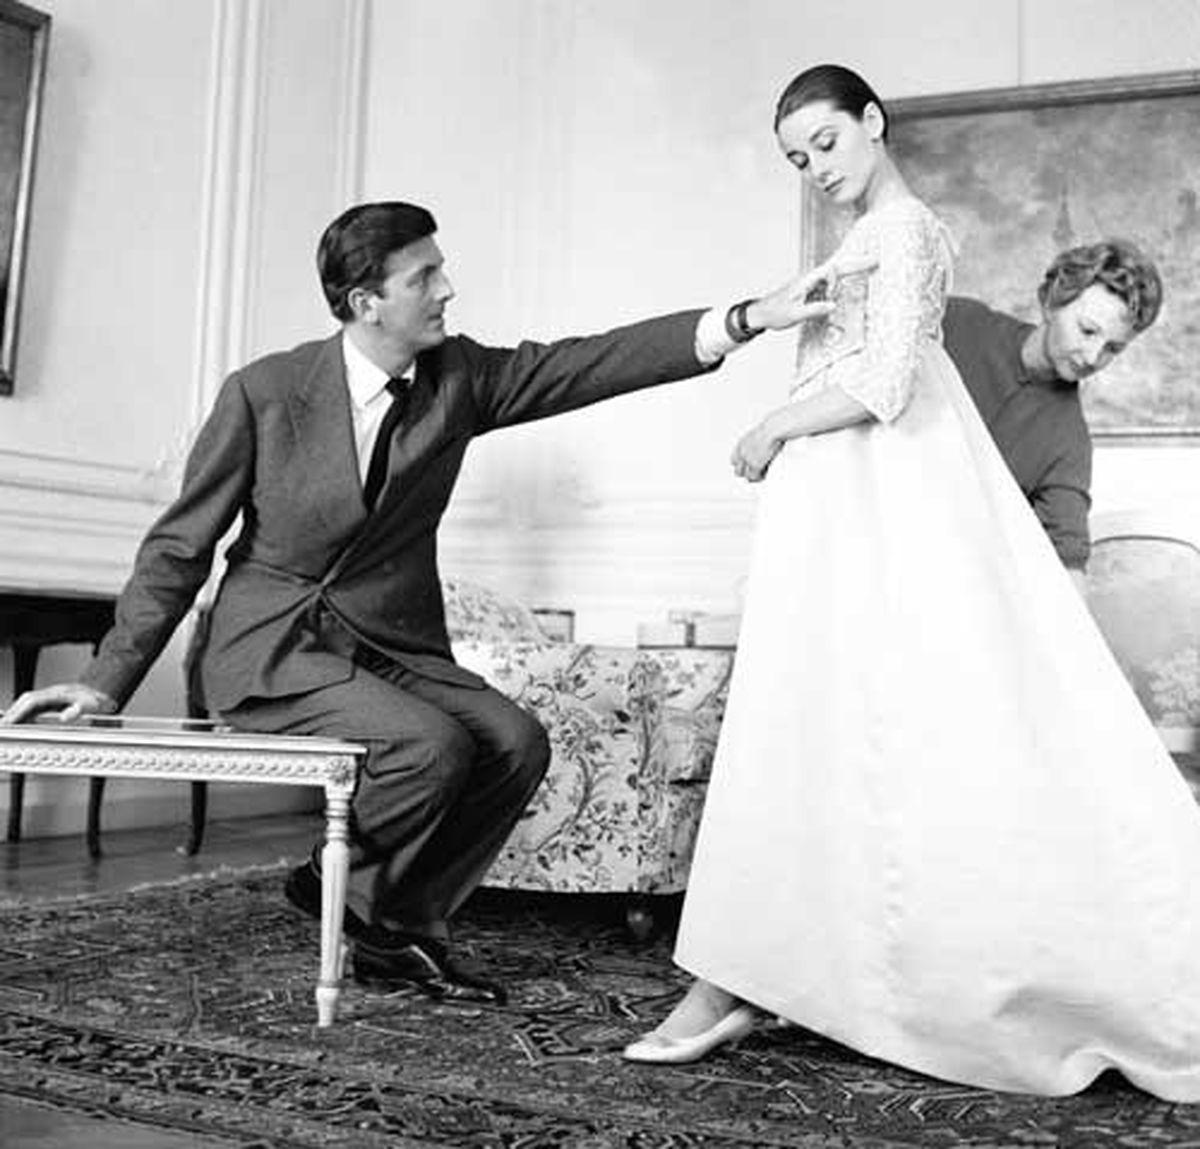 عکسهای زیبا ورویایی از آدری هپبورن/ ستارهای که آخرین معصوم سینما لقب گرفت